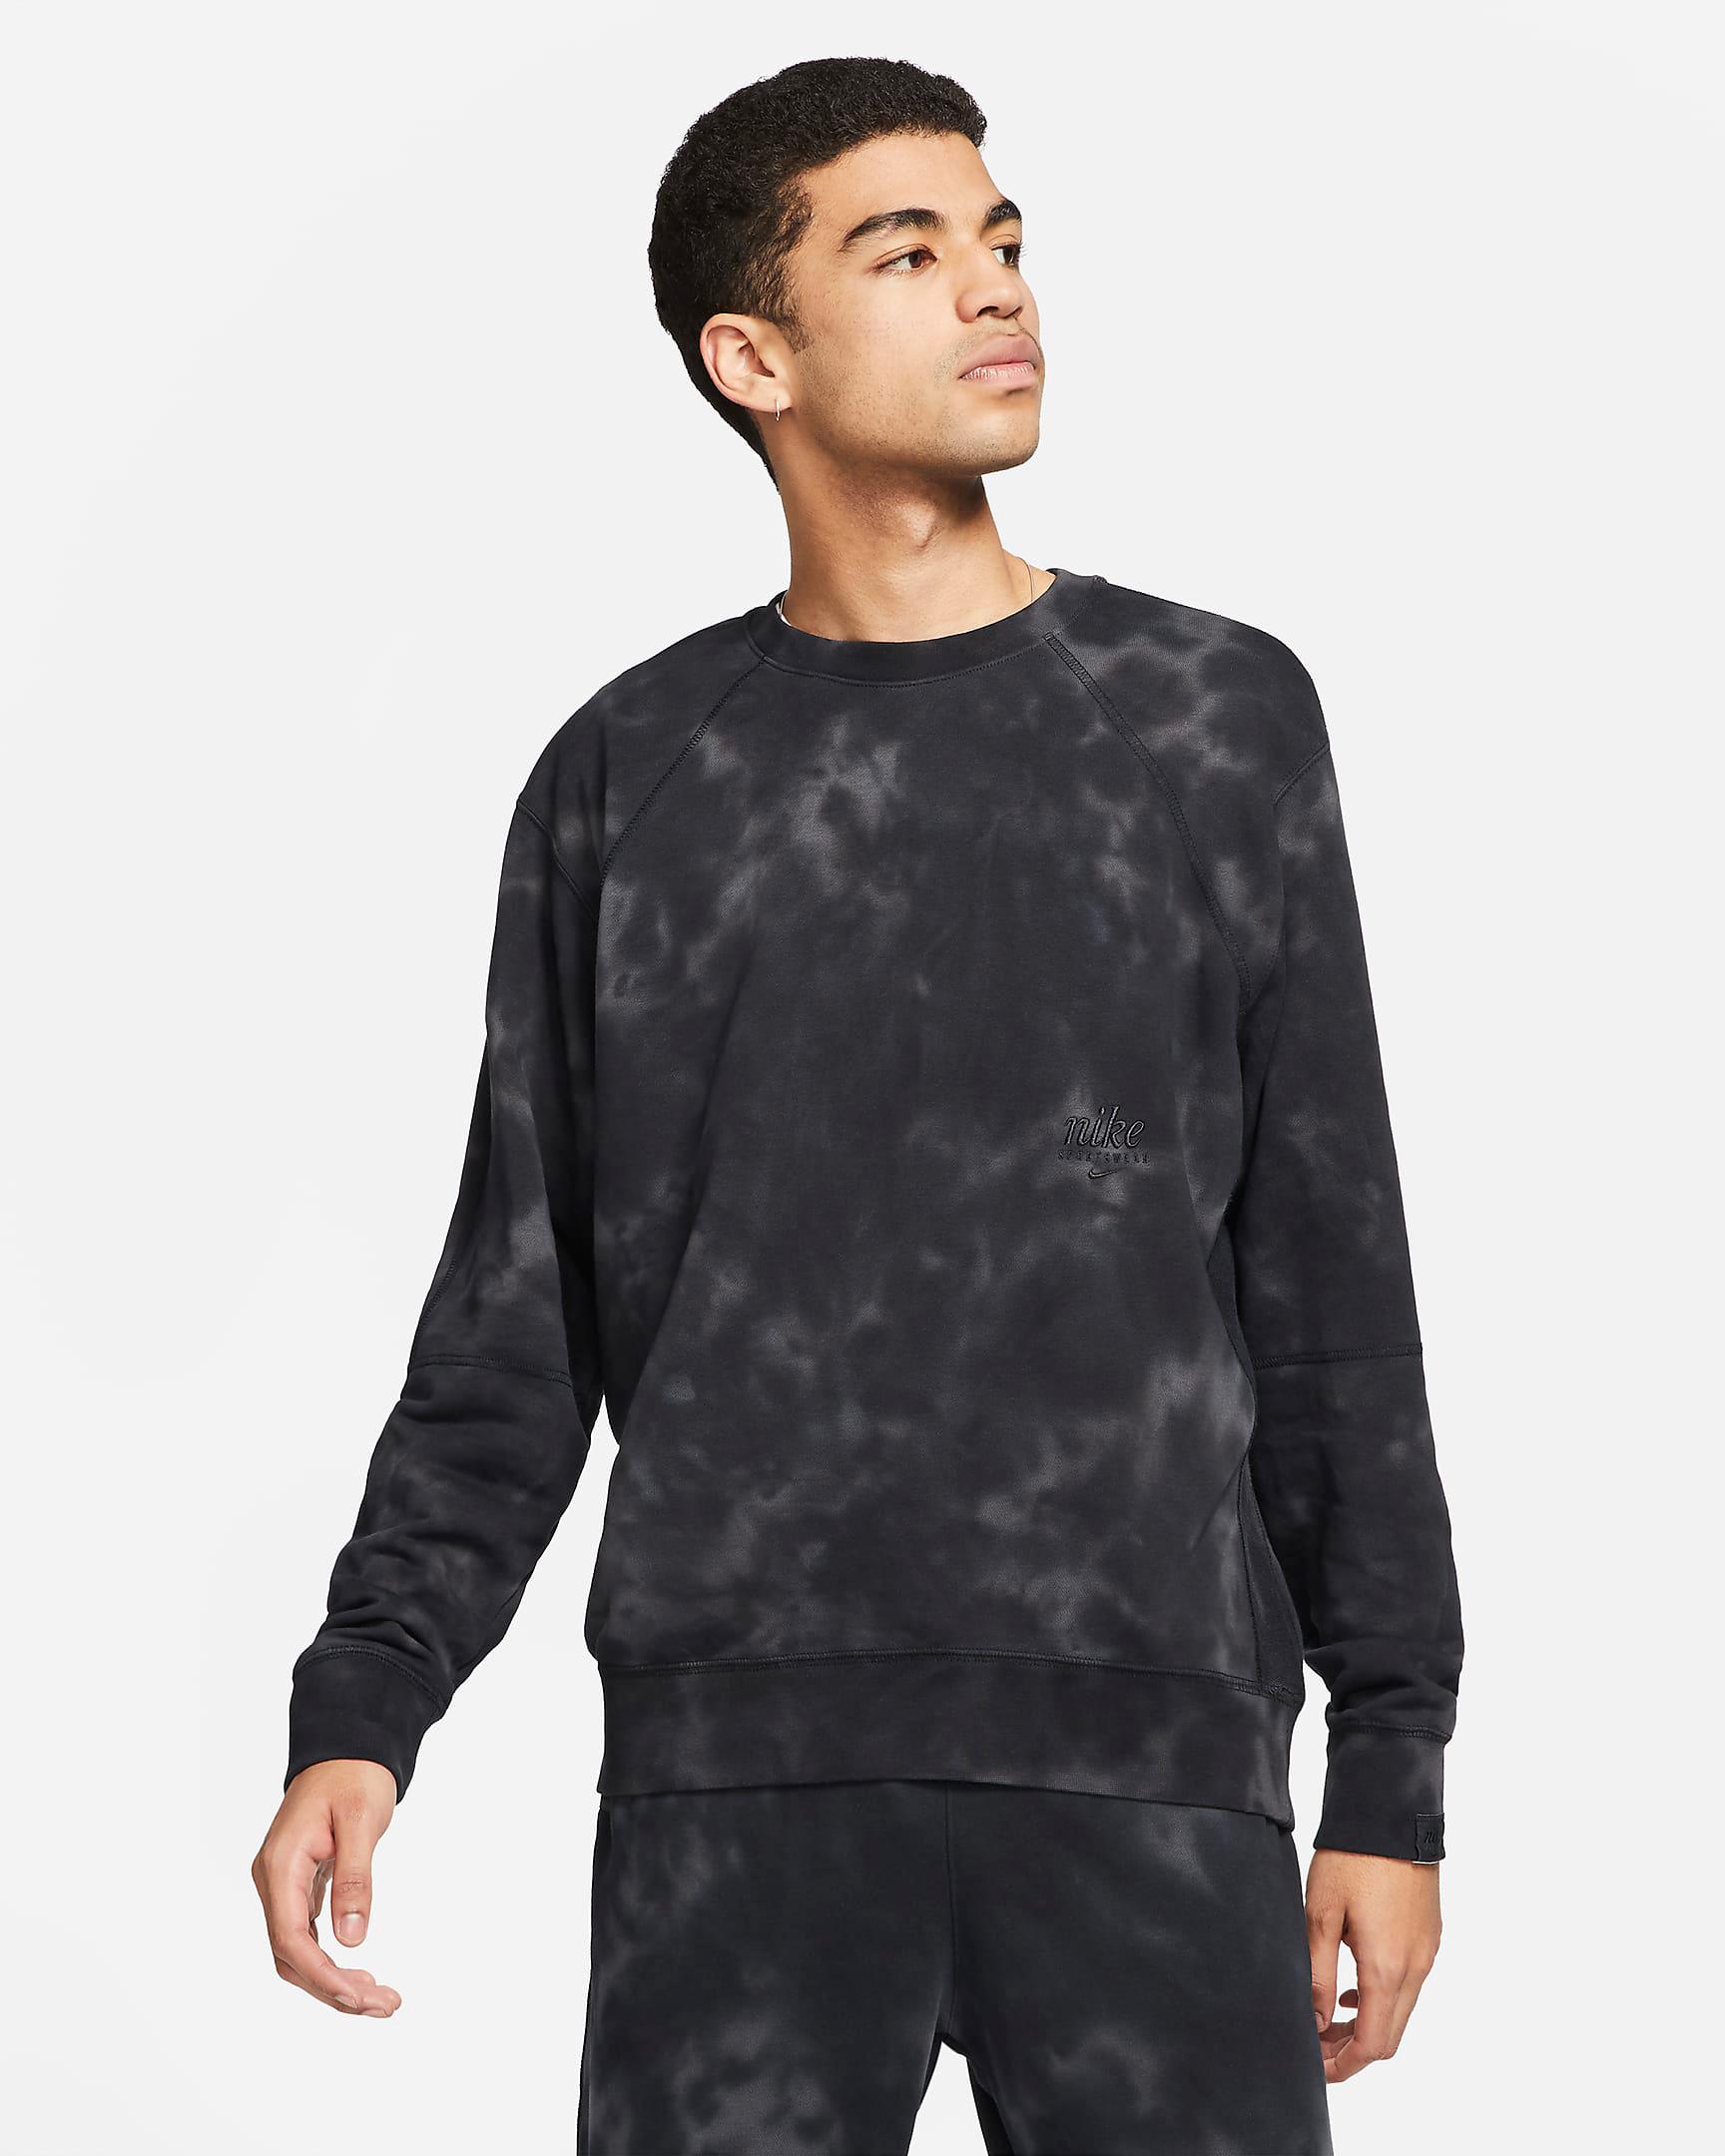 nike-club-fleece-tie-dye-sweatshirt-black